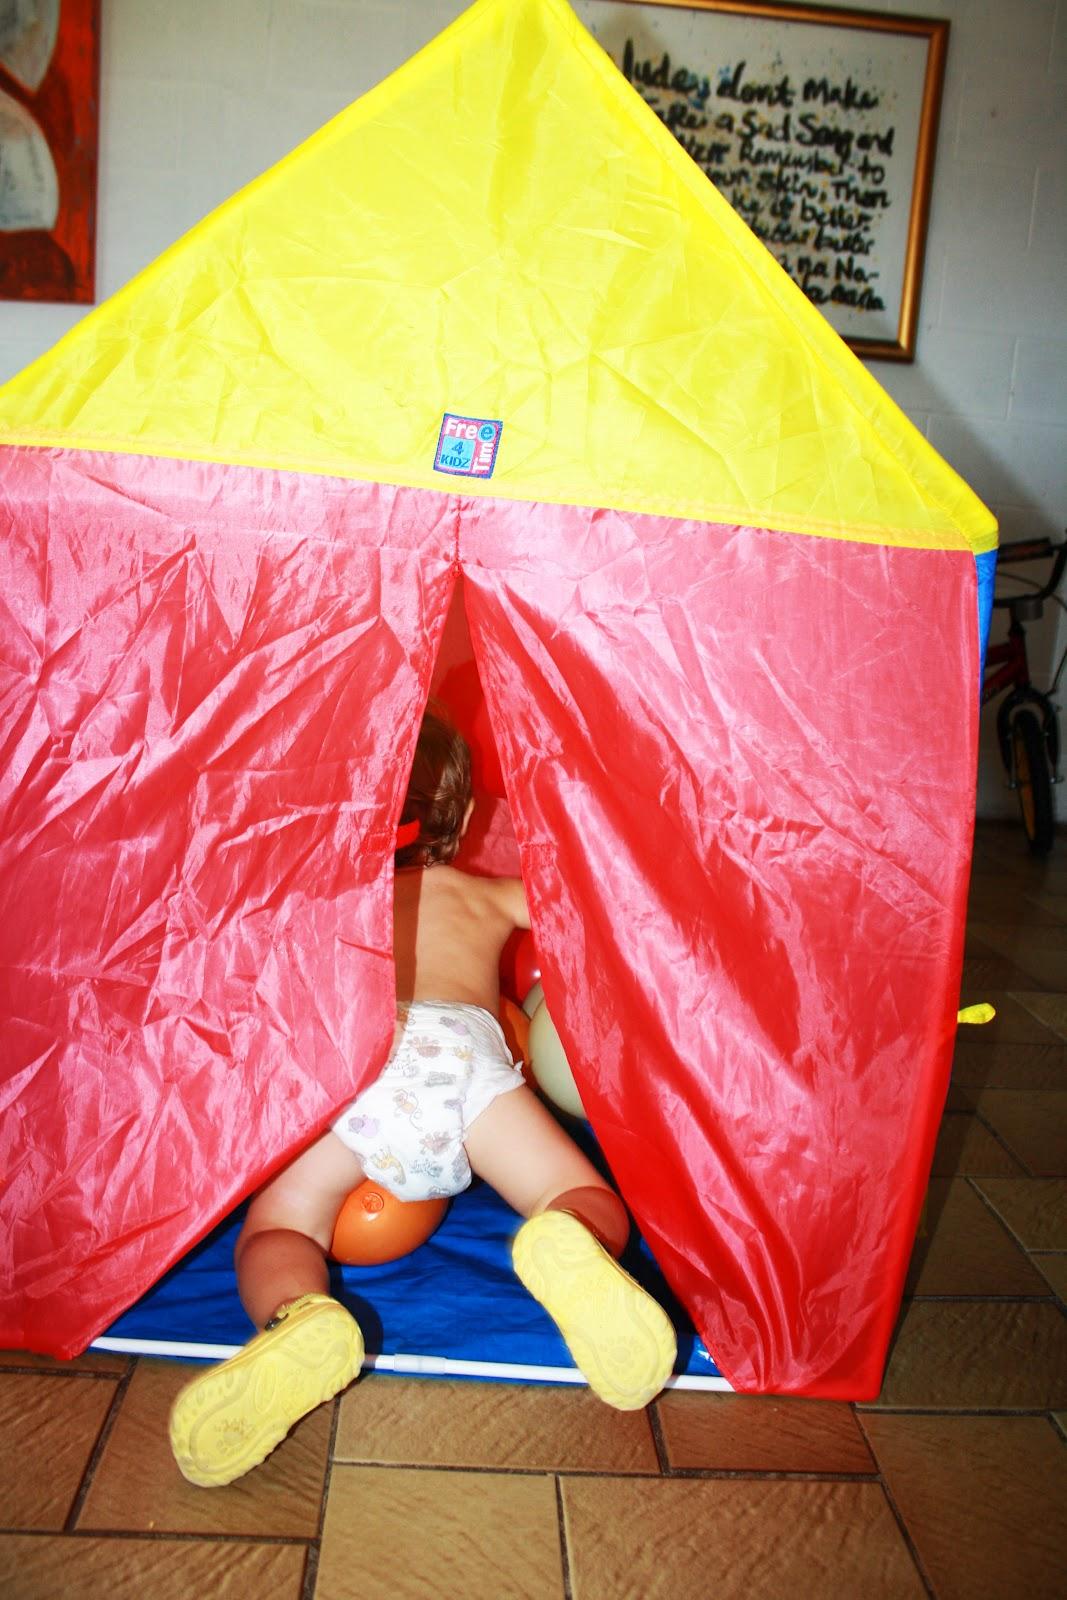 Sassy S Sanity Balloon Tent Tresure